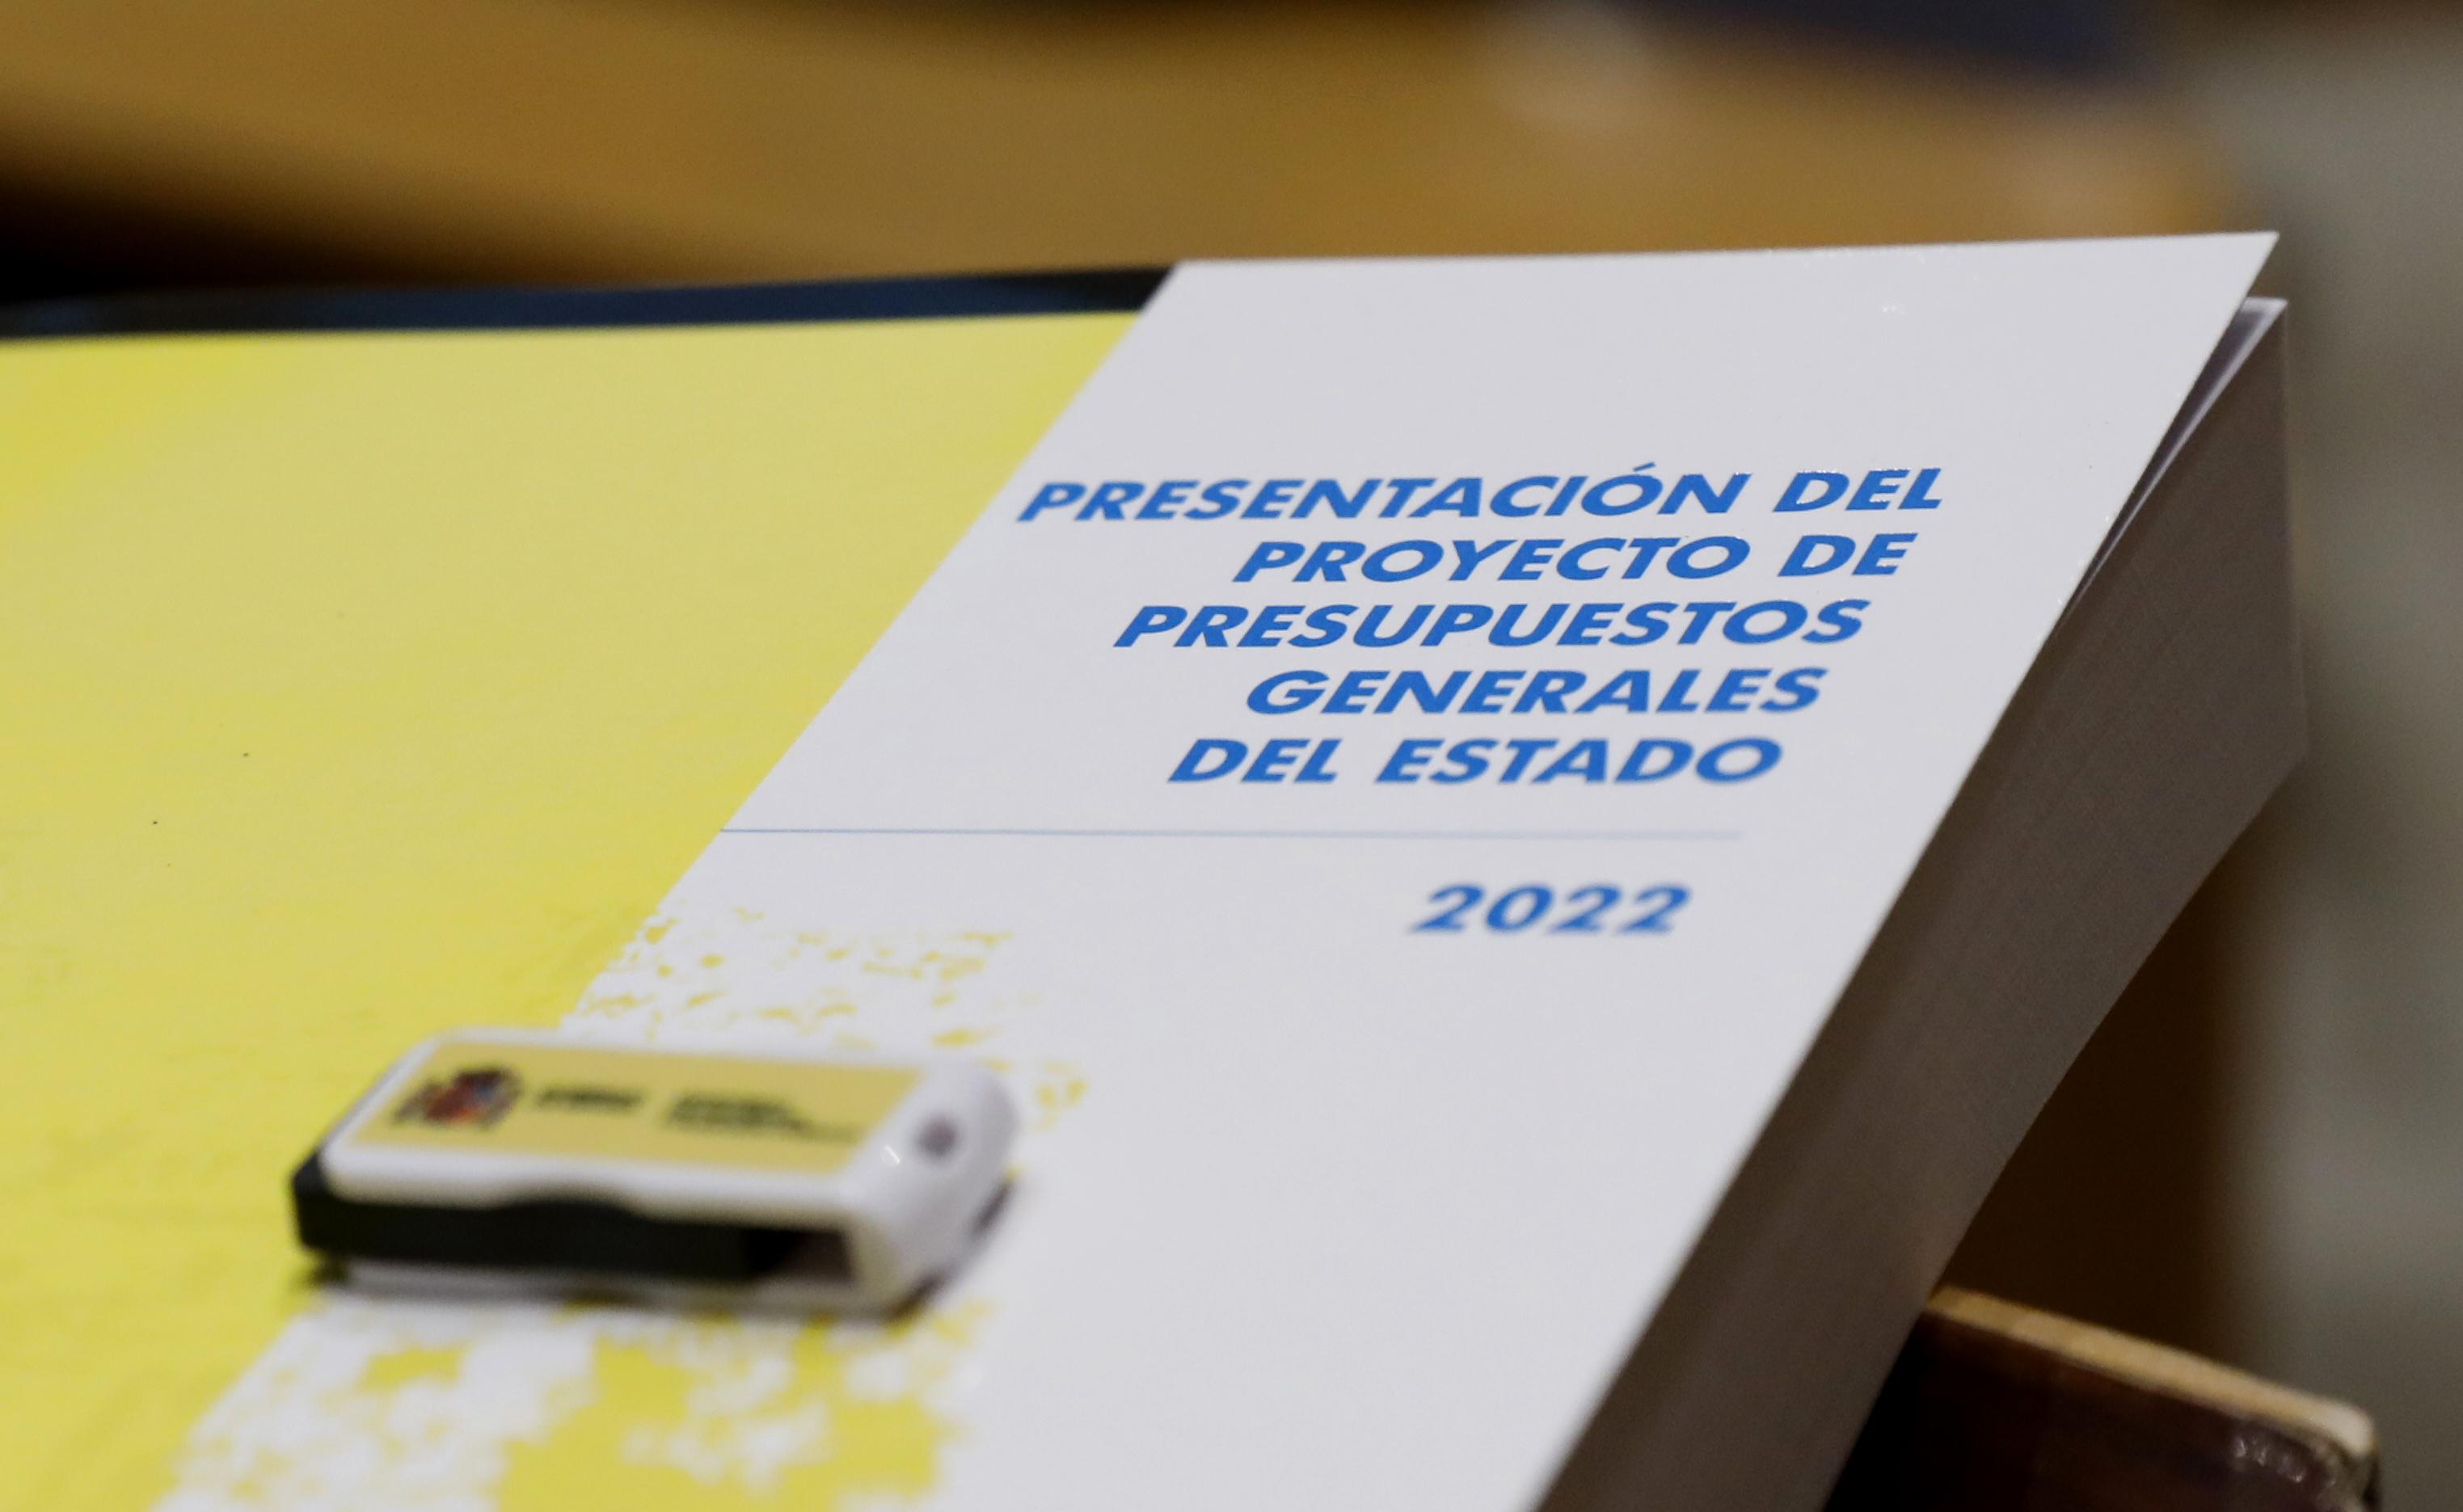 El documento de los Presupuestos Generales del Estado, en el congreso de los Diputados